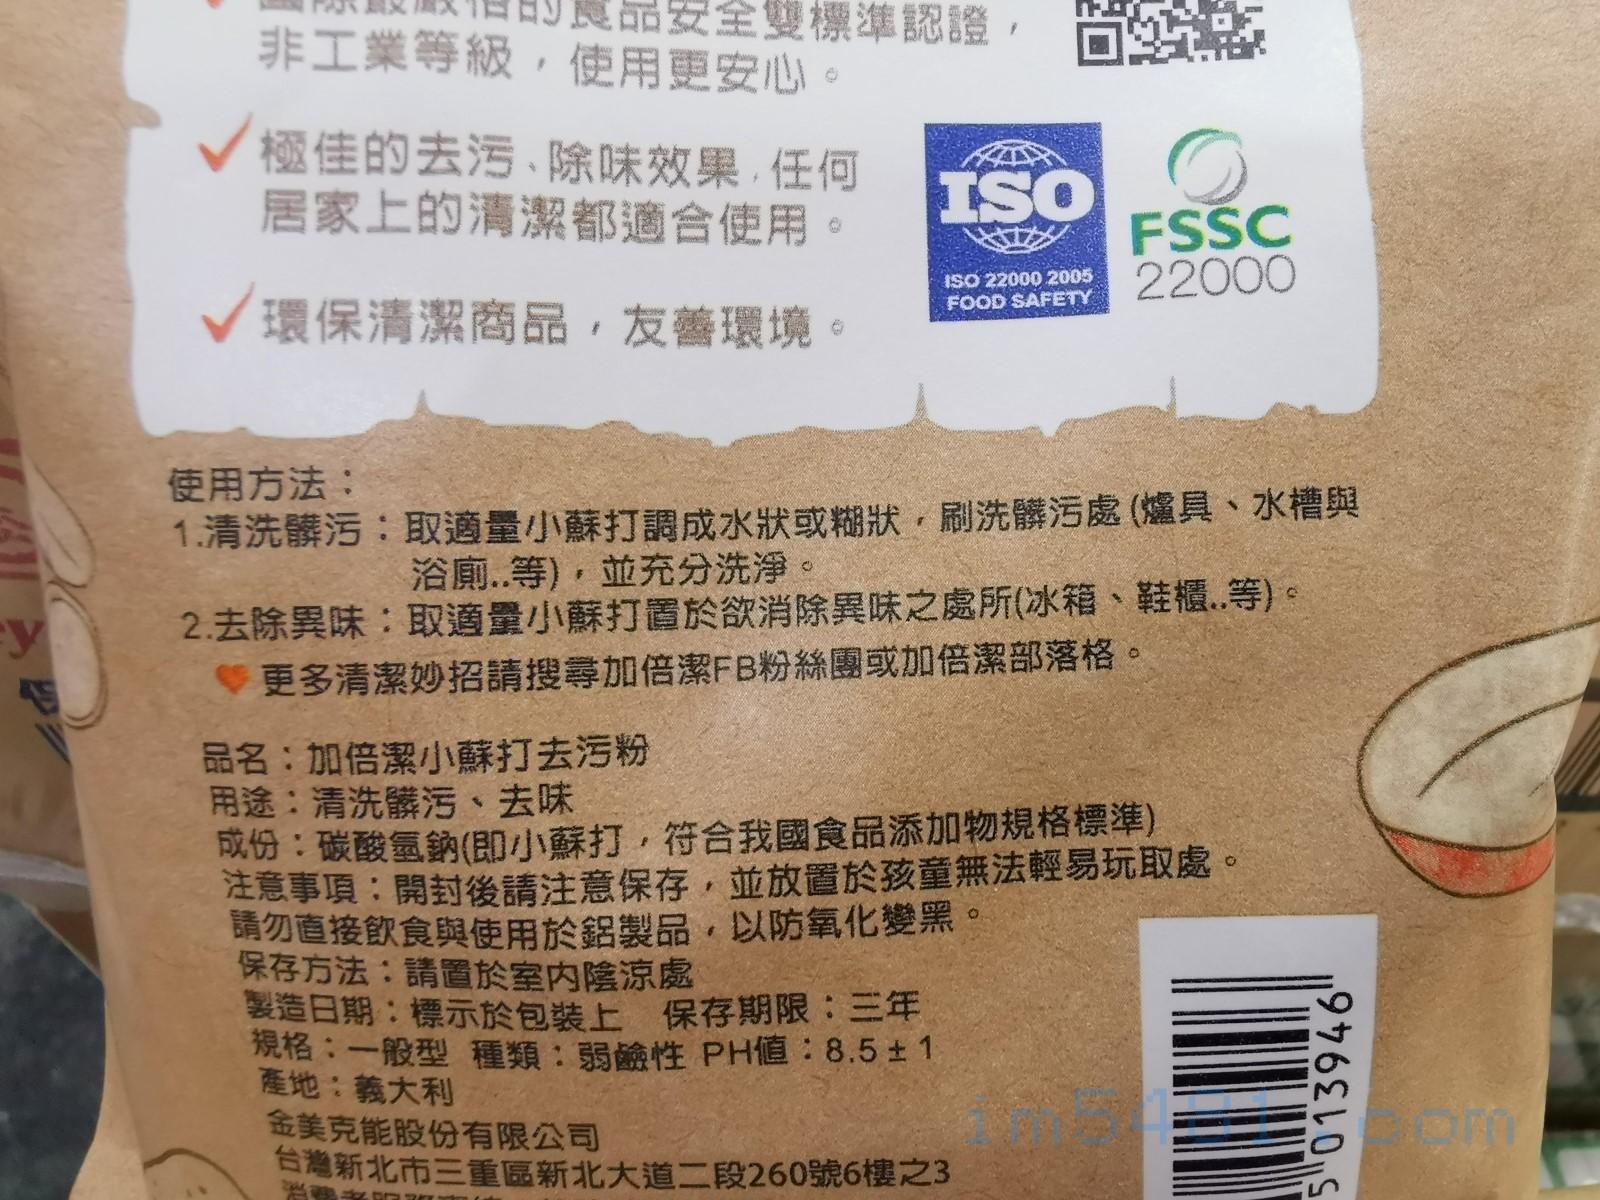 加倍潔小蘇打去污粉強調符合食品添加物規格標準。但因為沒有衛生署(或衛服部)添製字號跟產品登錄碼,所以用途只能用在清洗髒污、去味,而不能用於食品。